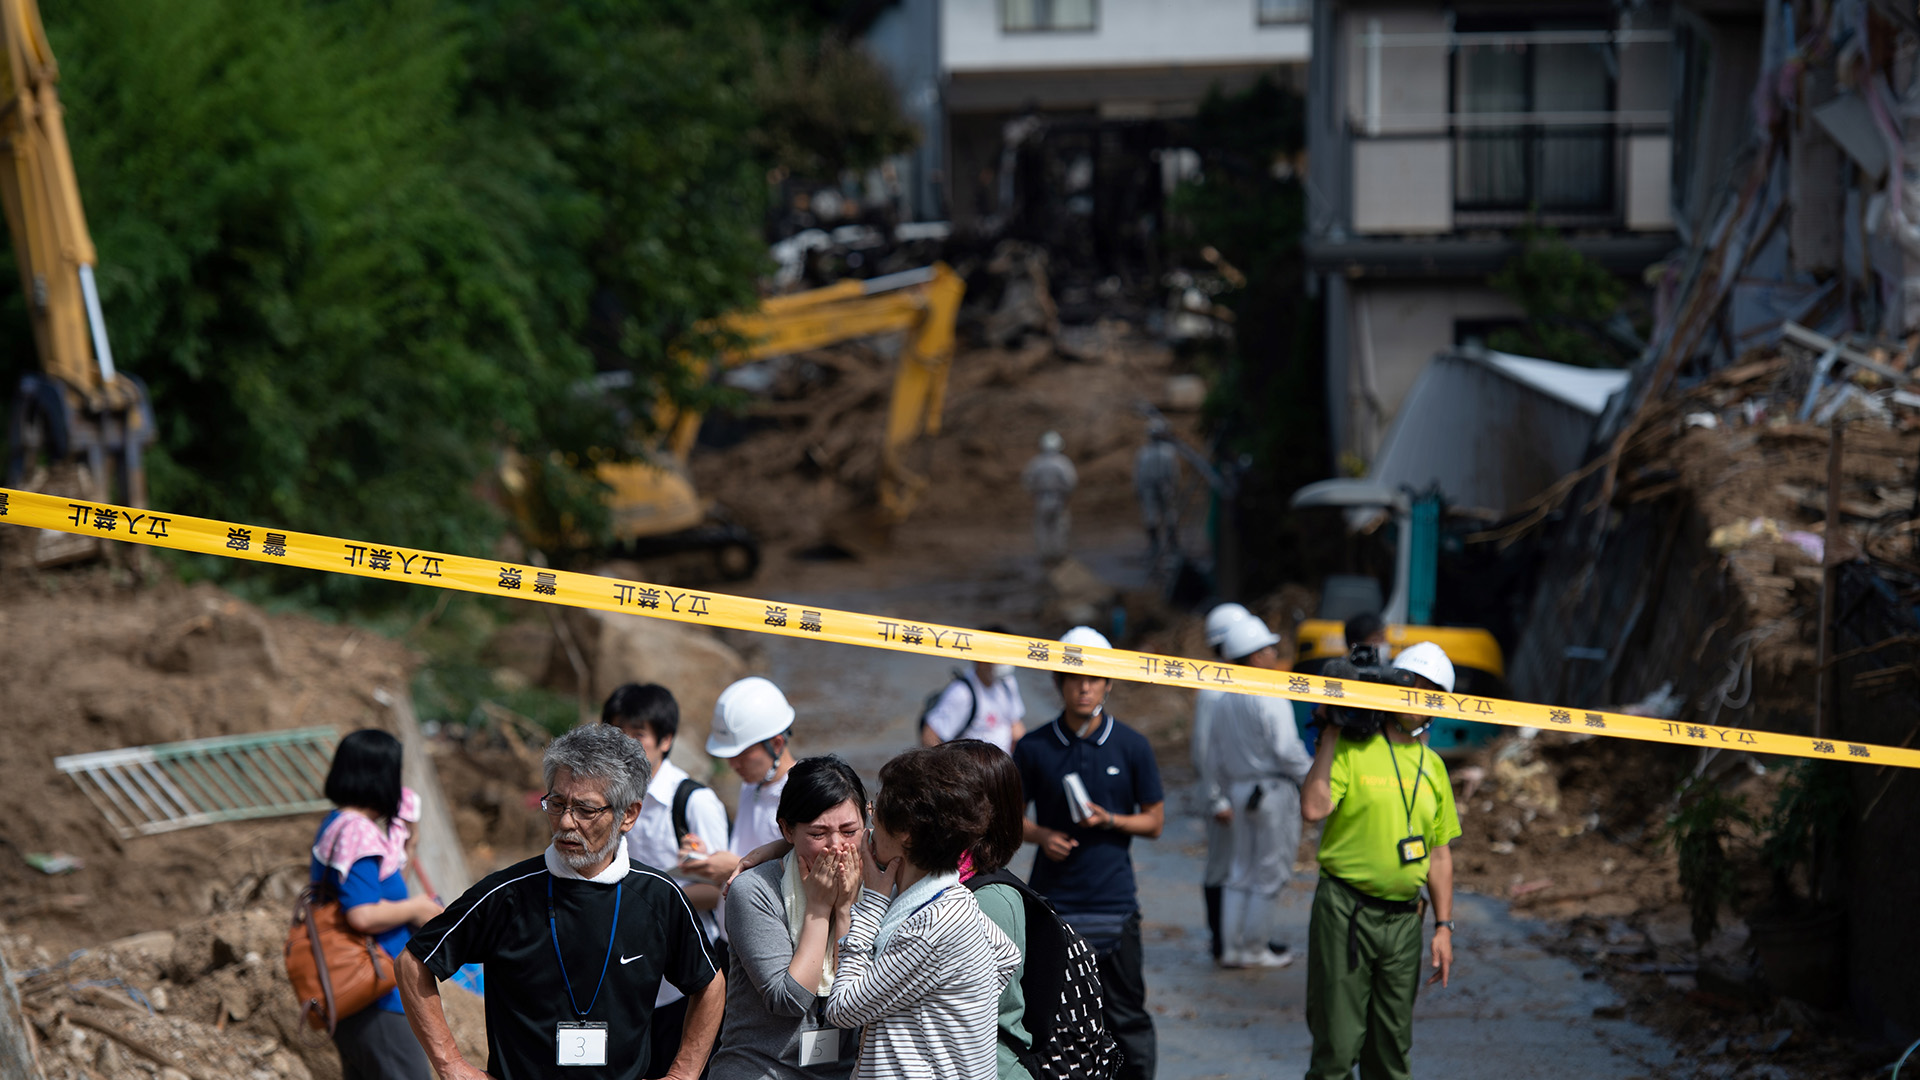 Miles de viviendas no tenían agua potable ni electricidad en Hiroshima y en otras zonas afectadas, donde muchos hacían fila ante tanques de agua bajo un sol abrasador con temperaturas de hasta 34 grados Celsius